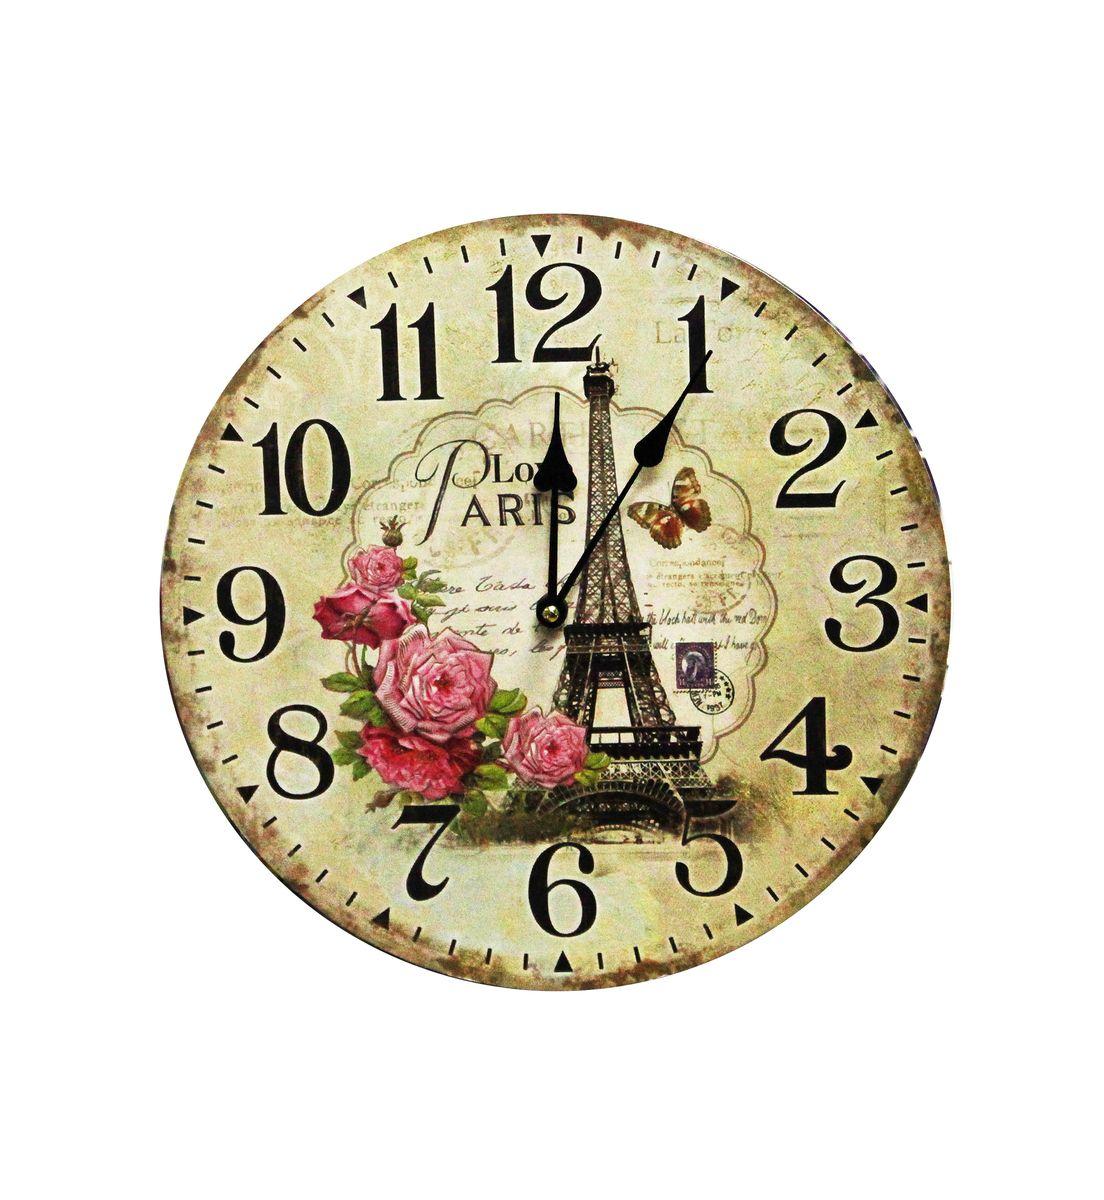 Часы настенные Arte Nuevo, диаметр 34 см часы настенные arte nuevo sweet home 21 5 см